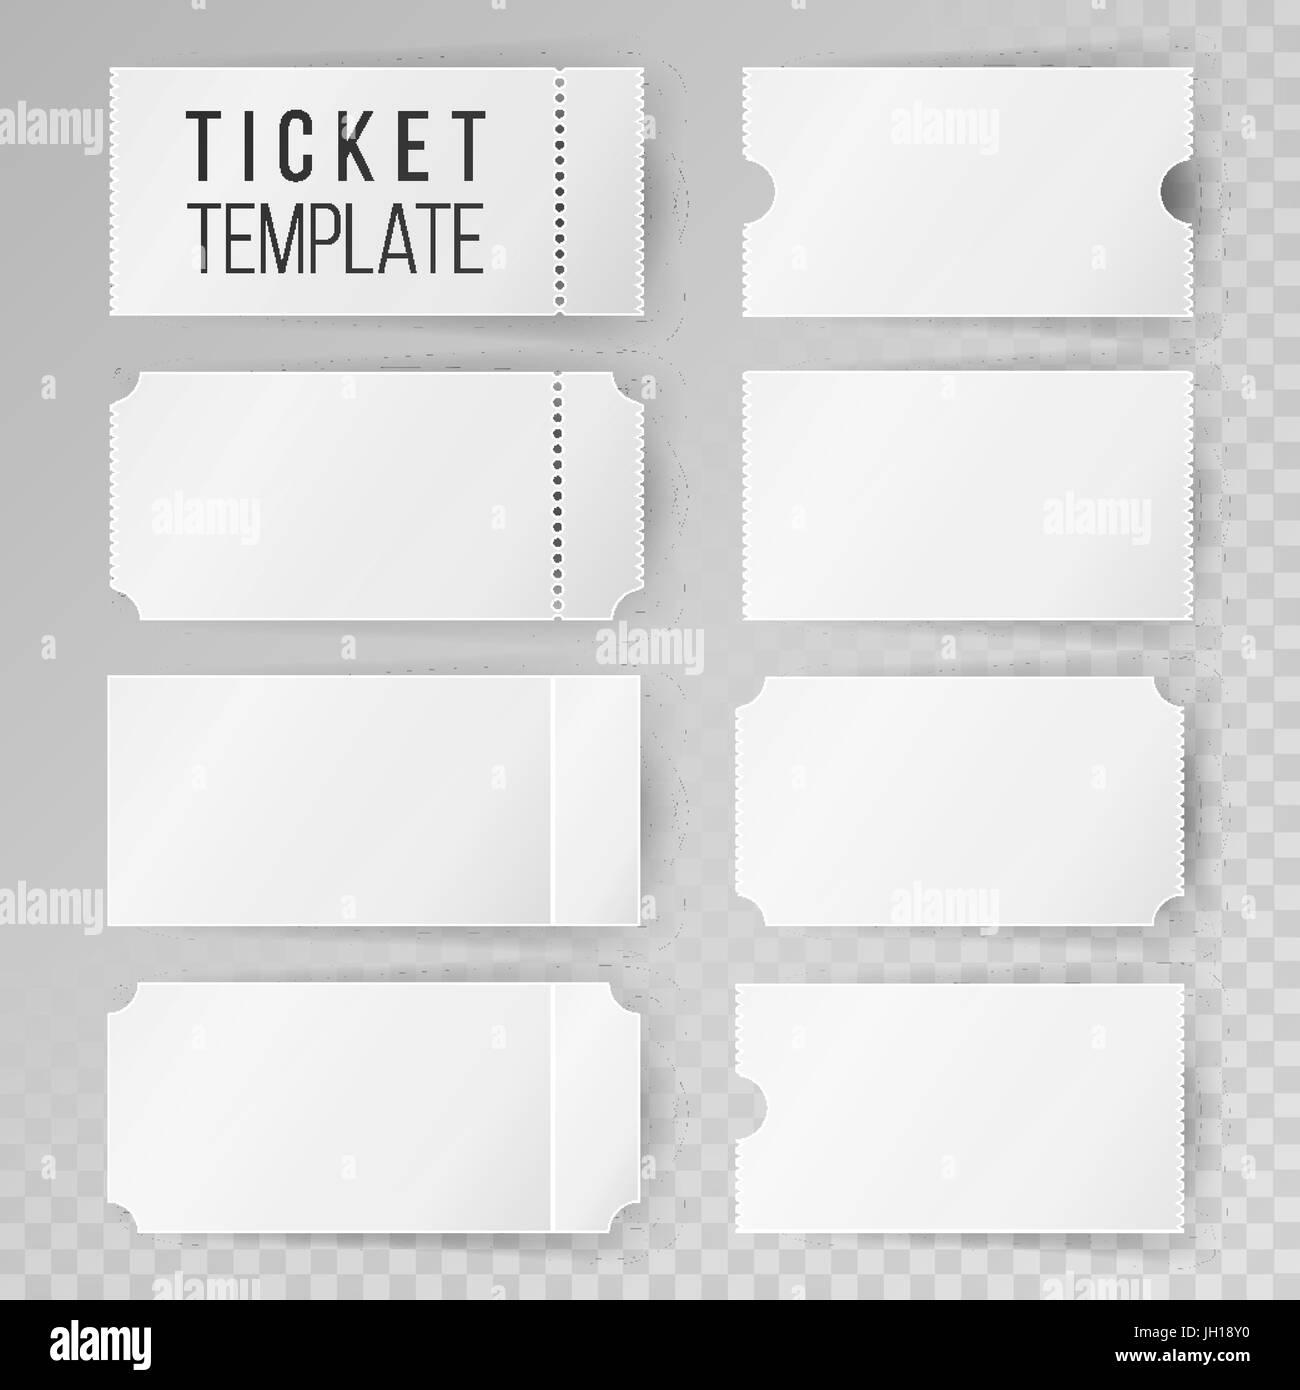 Merchandise Concert Stockfotos & Merchandise Concert Bilder - Alamy